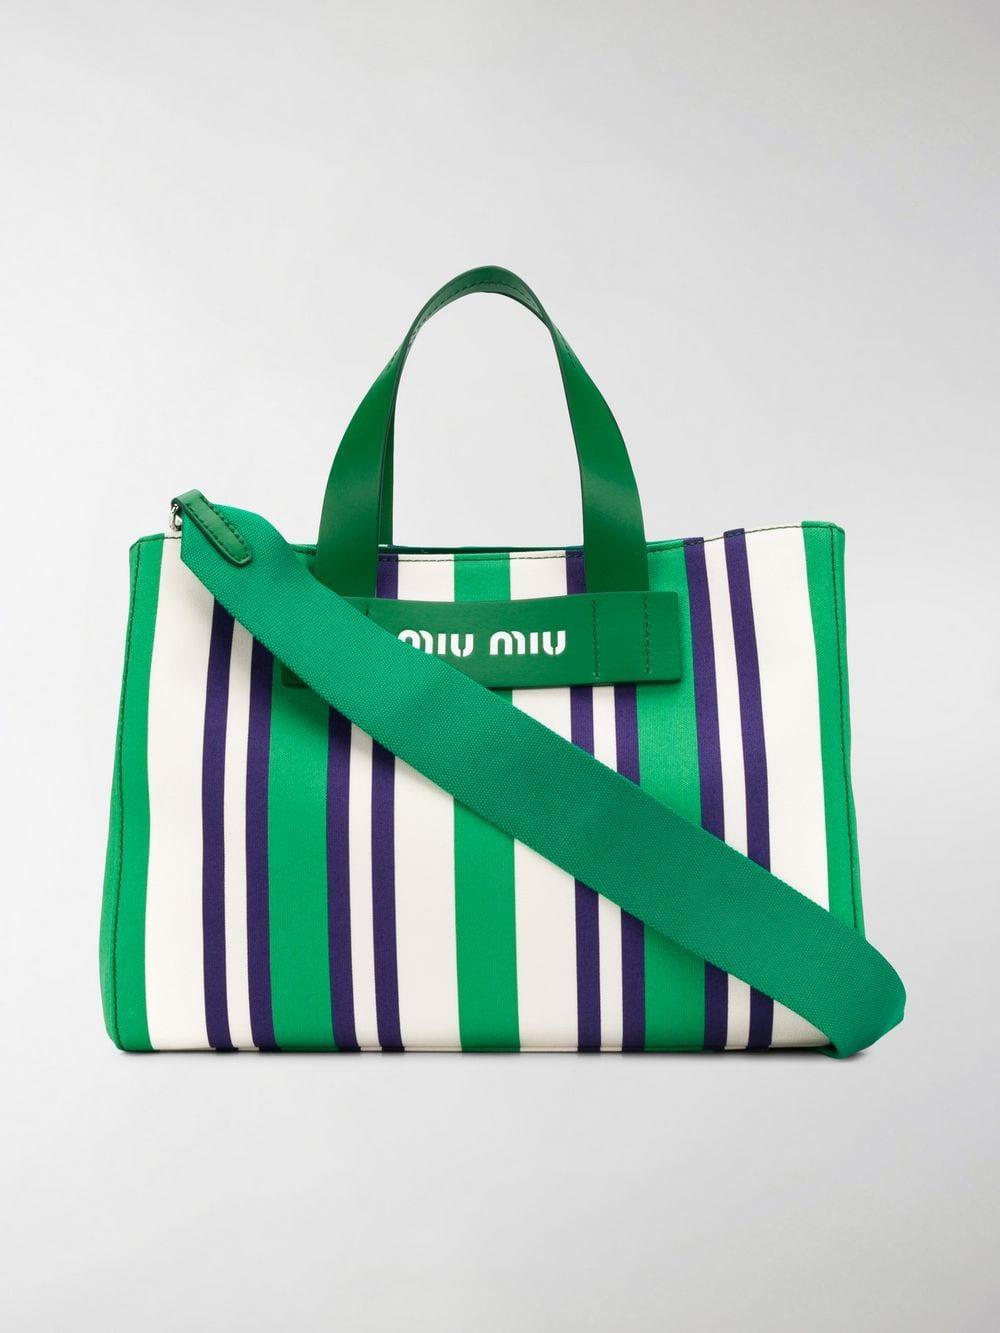 Miu Miu Striped Logo Tote Bag in Green - Lyst 2f46715d9b